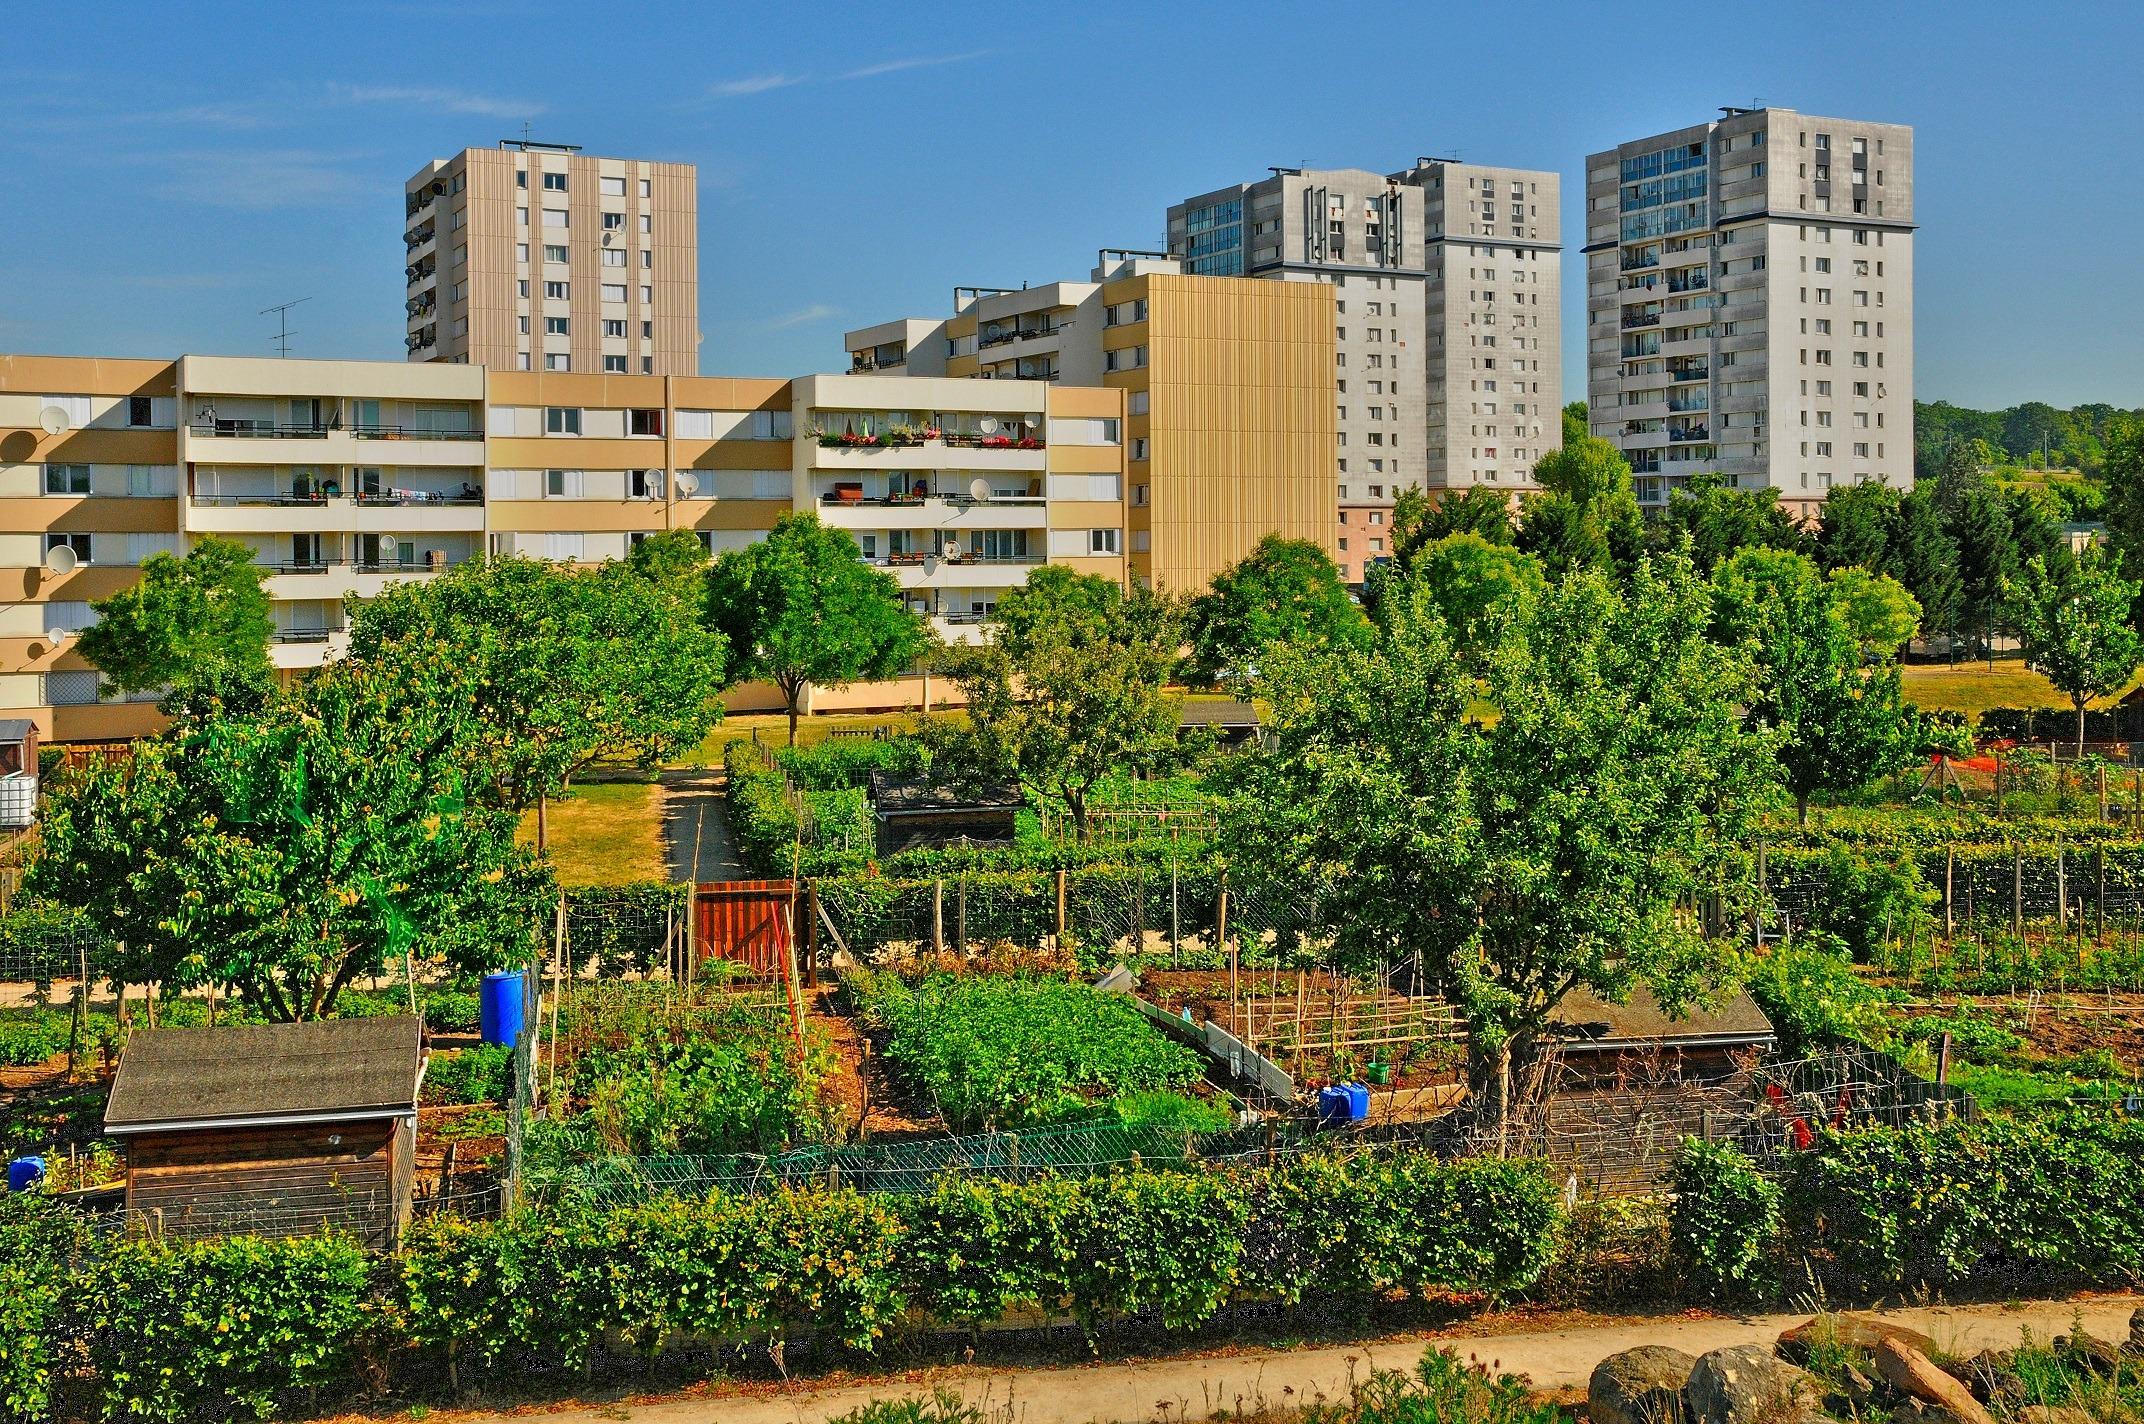 Im Vordergrund ist ein Schrebergarten zu sehen, im Hintergrund Hochhäuser einer Stadt